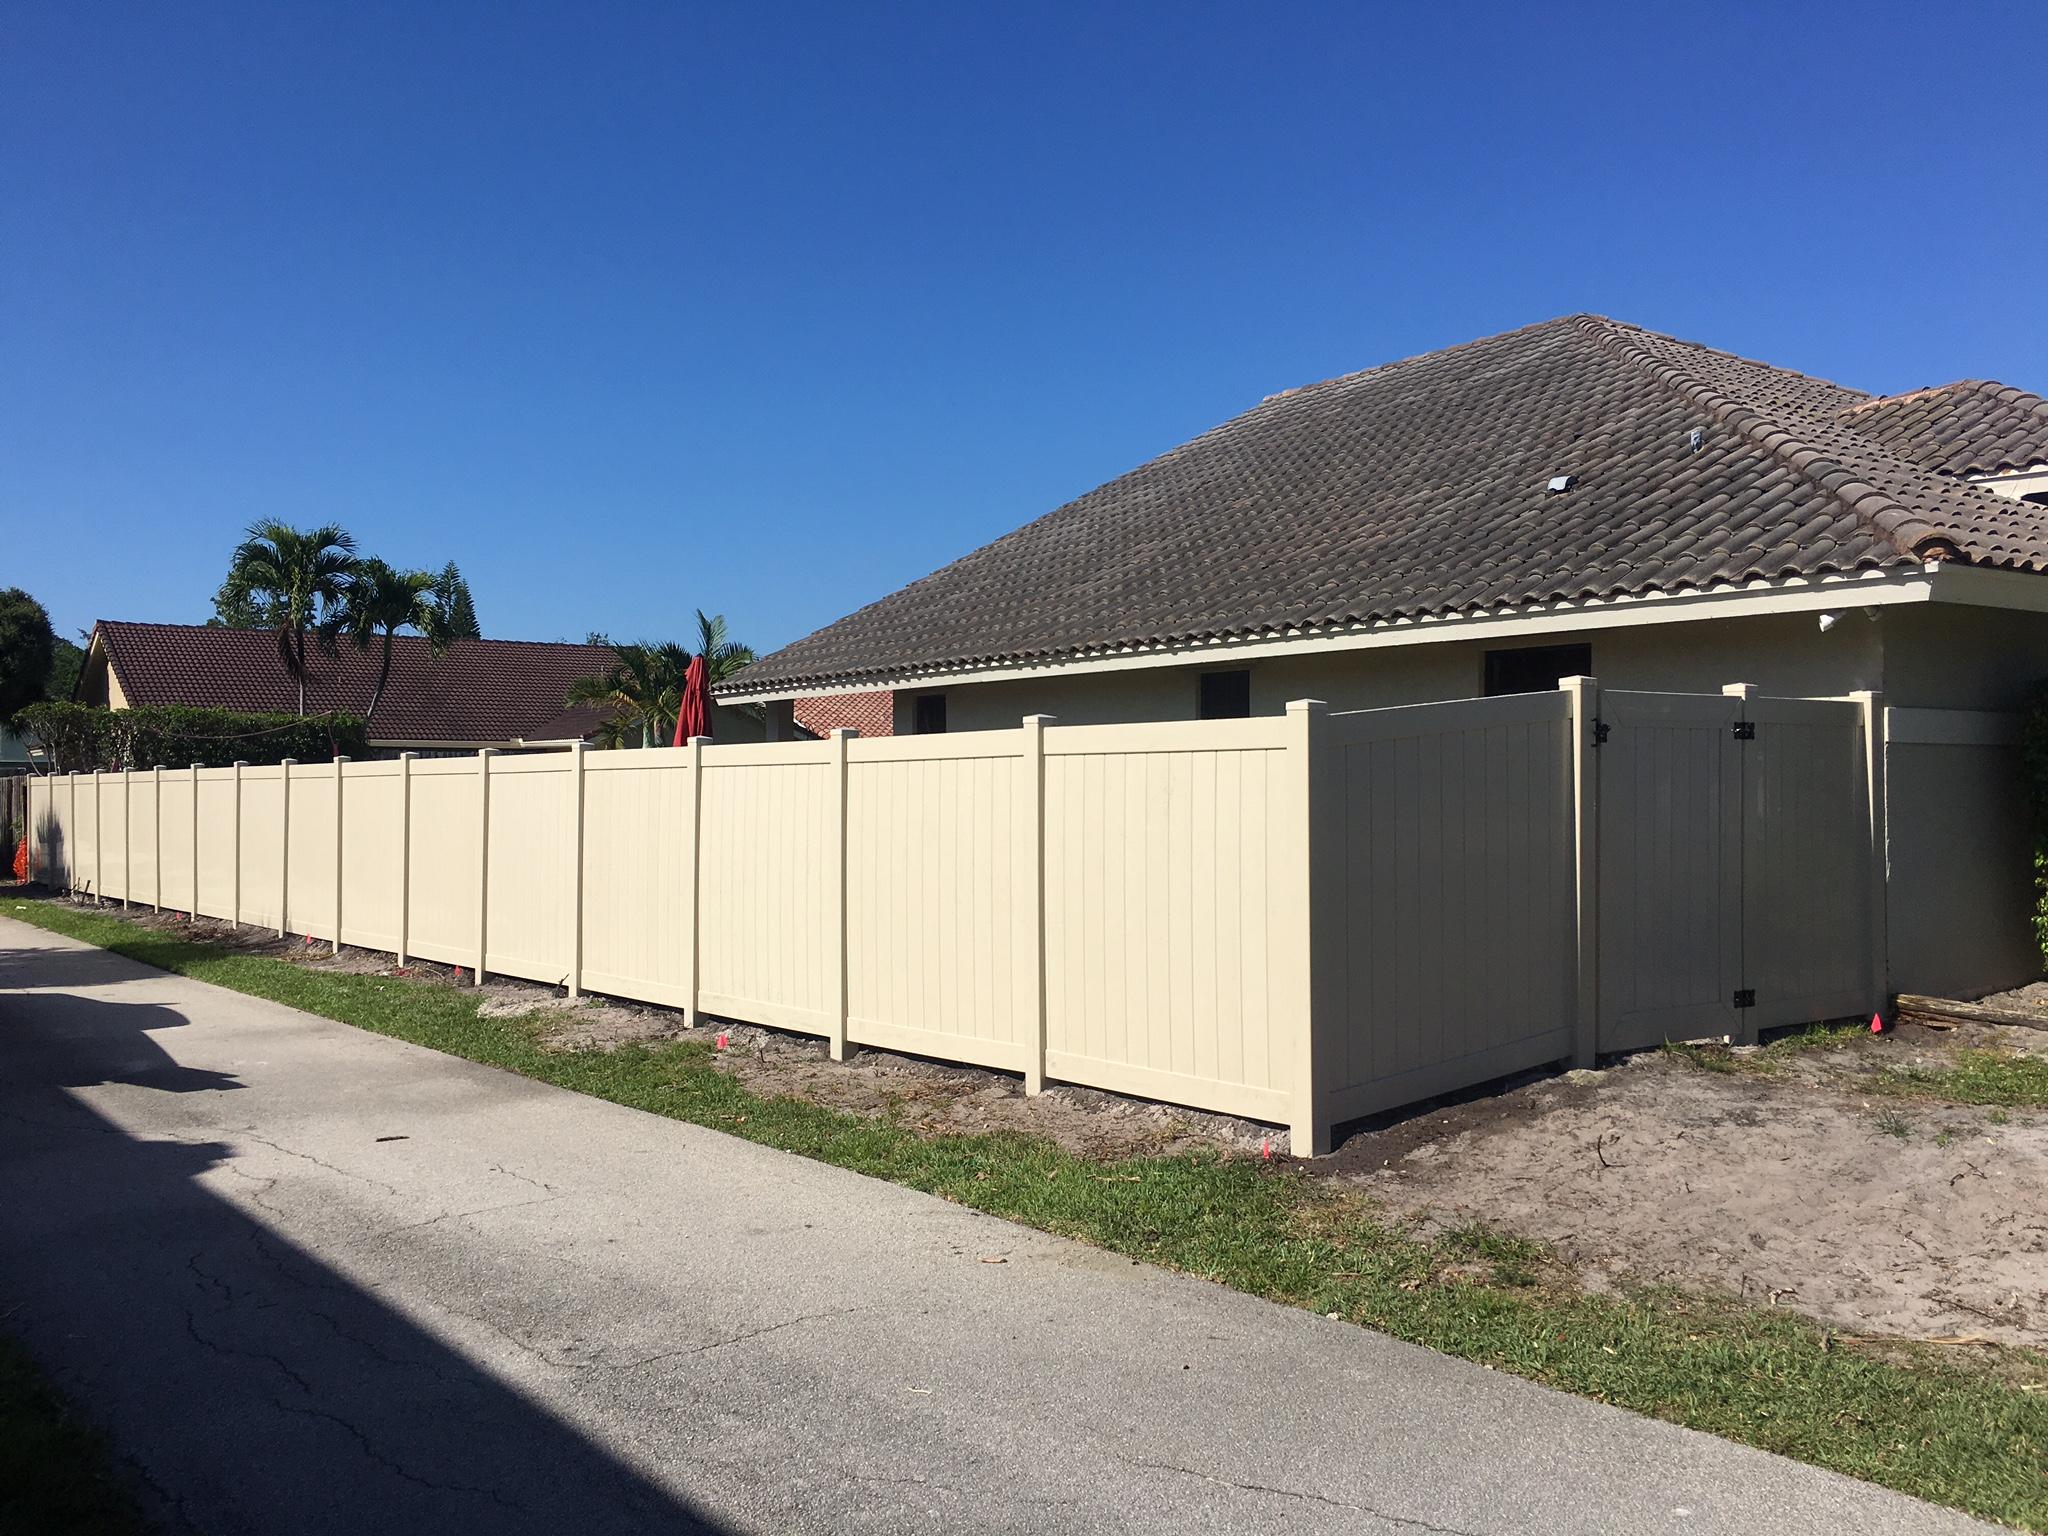 pvc fence installation company in Miramar FL